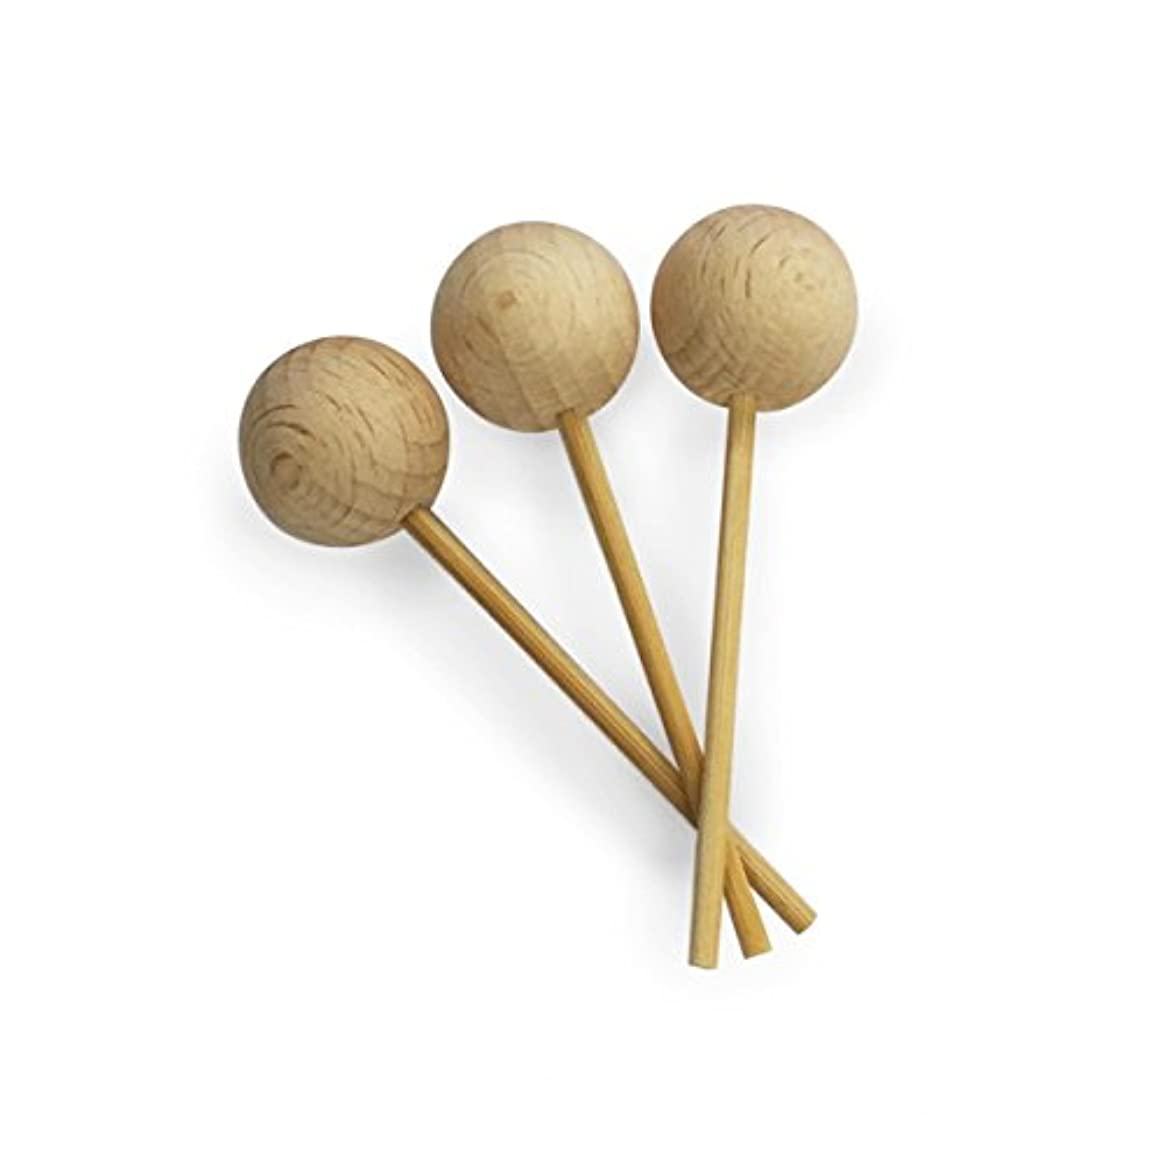 事業内容免疫する効能カリス成城 アロマ芳香器 木のお家 交換用木製スティック3本入